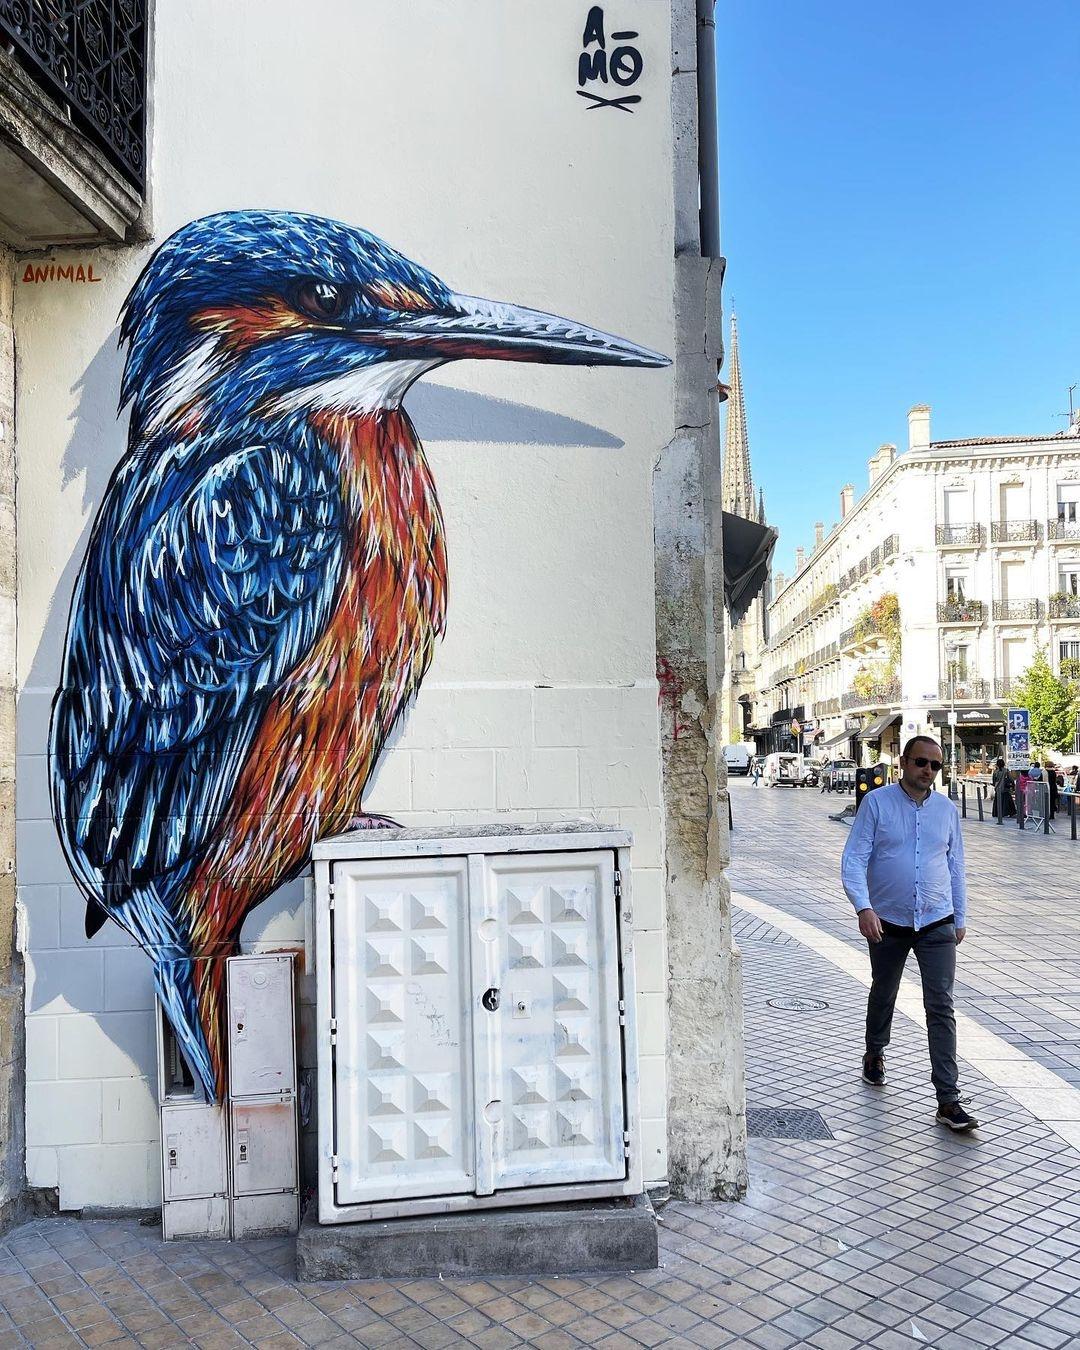 A-MO @ Bordeaux, France